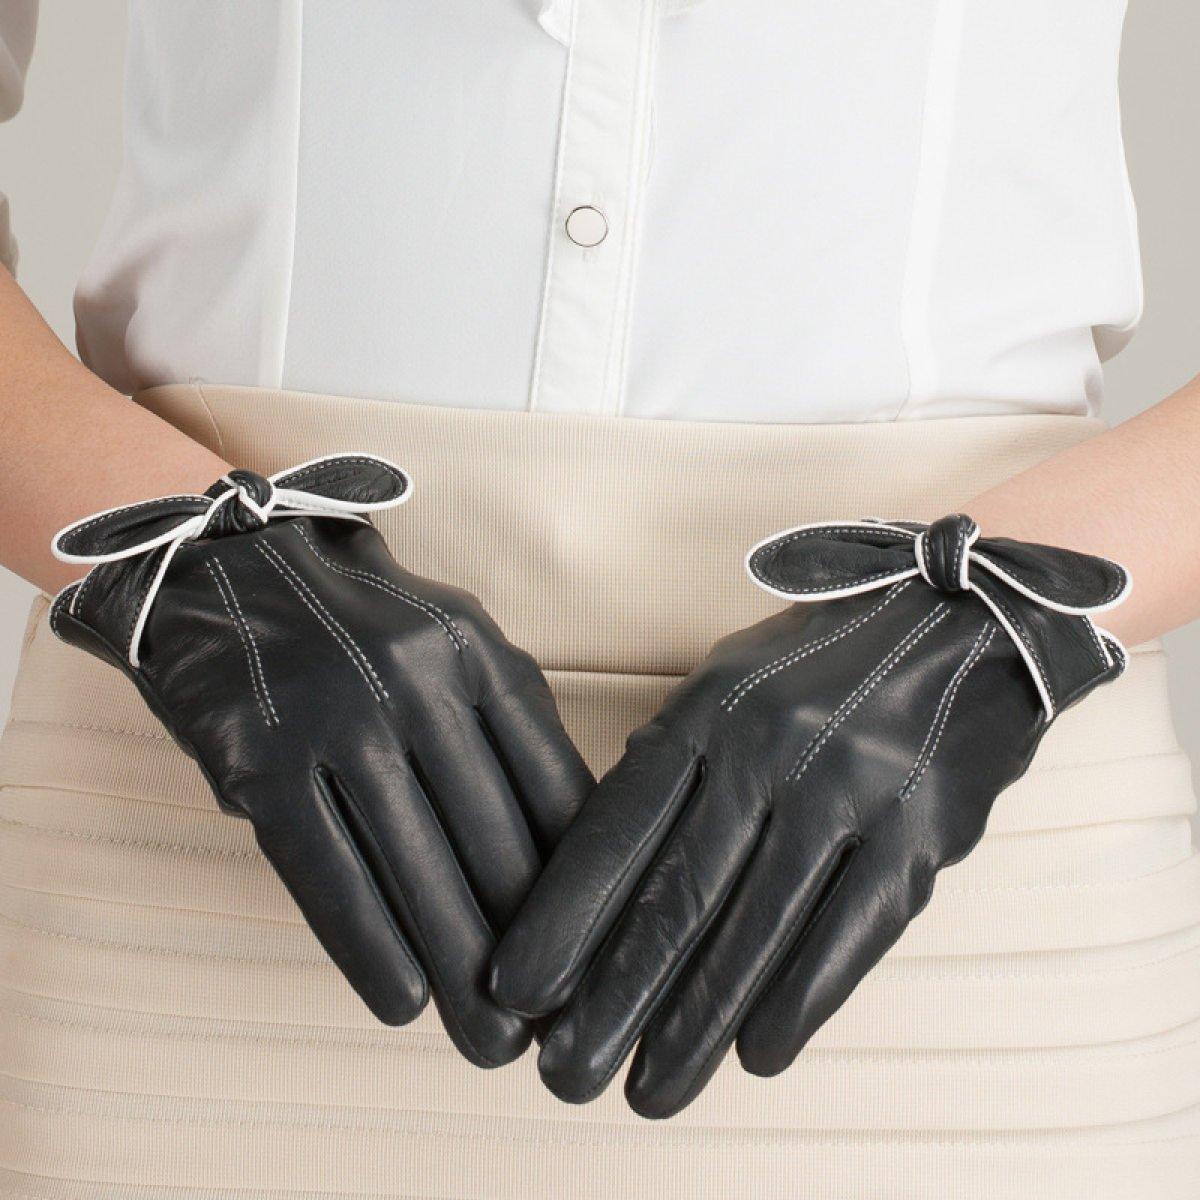 LQABW Moda Mujer Bowknot Guantes De Cuero